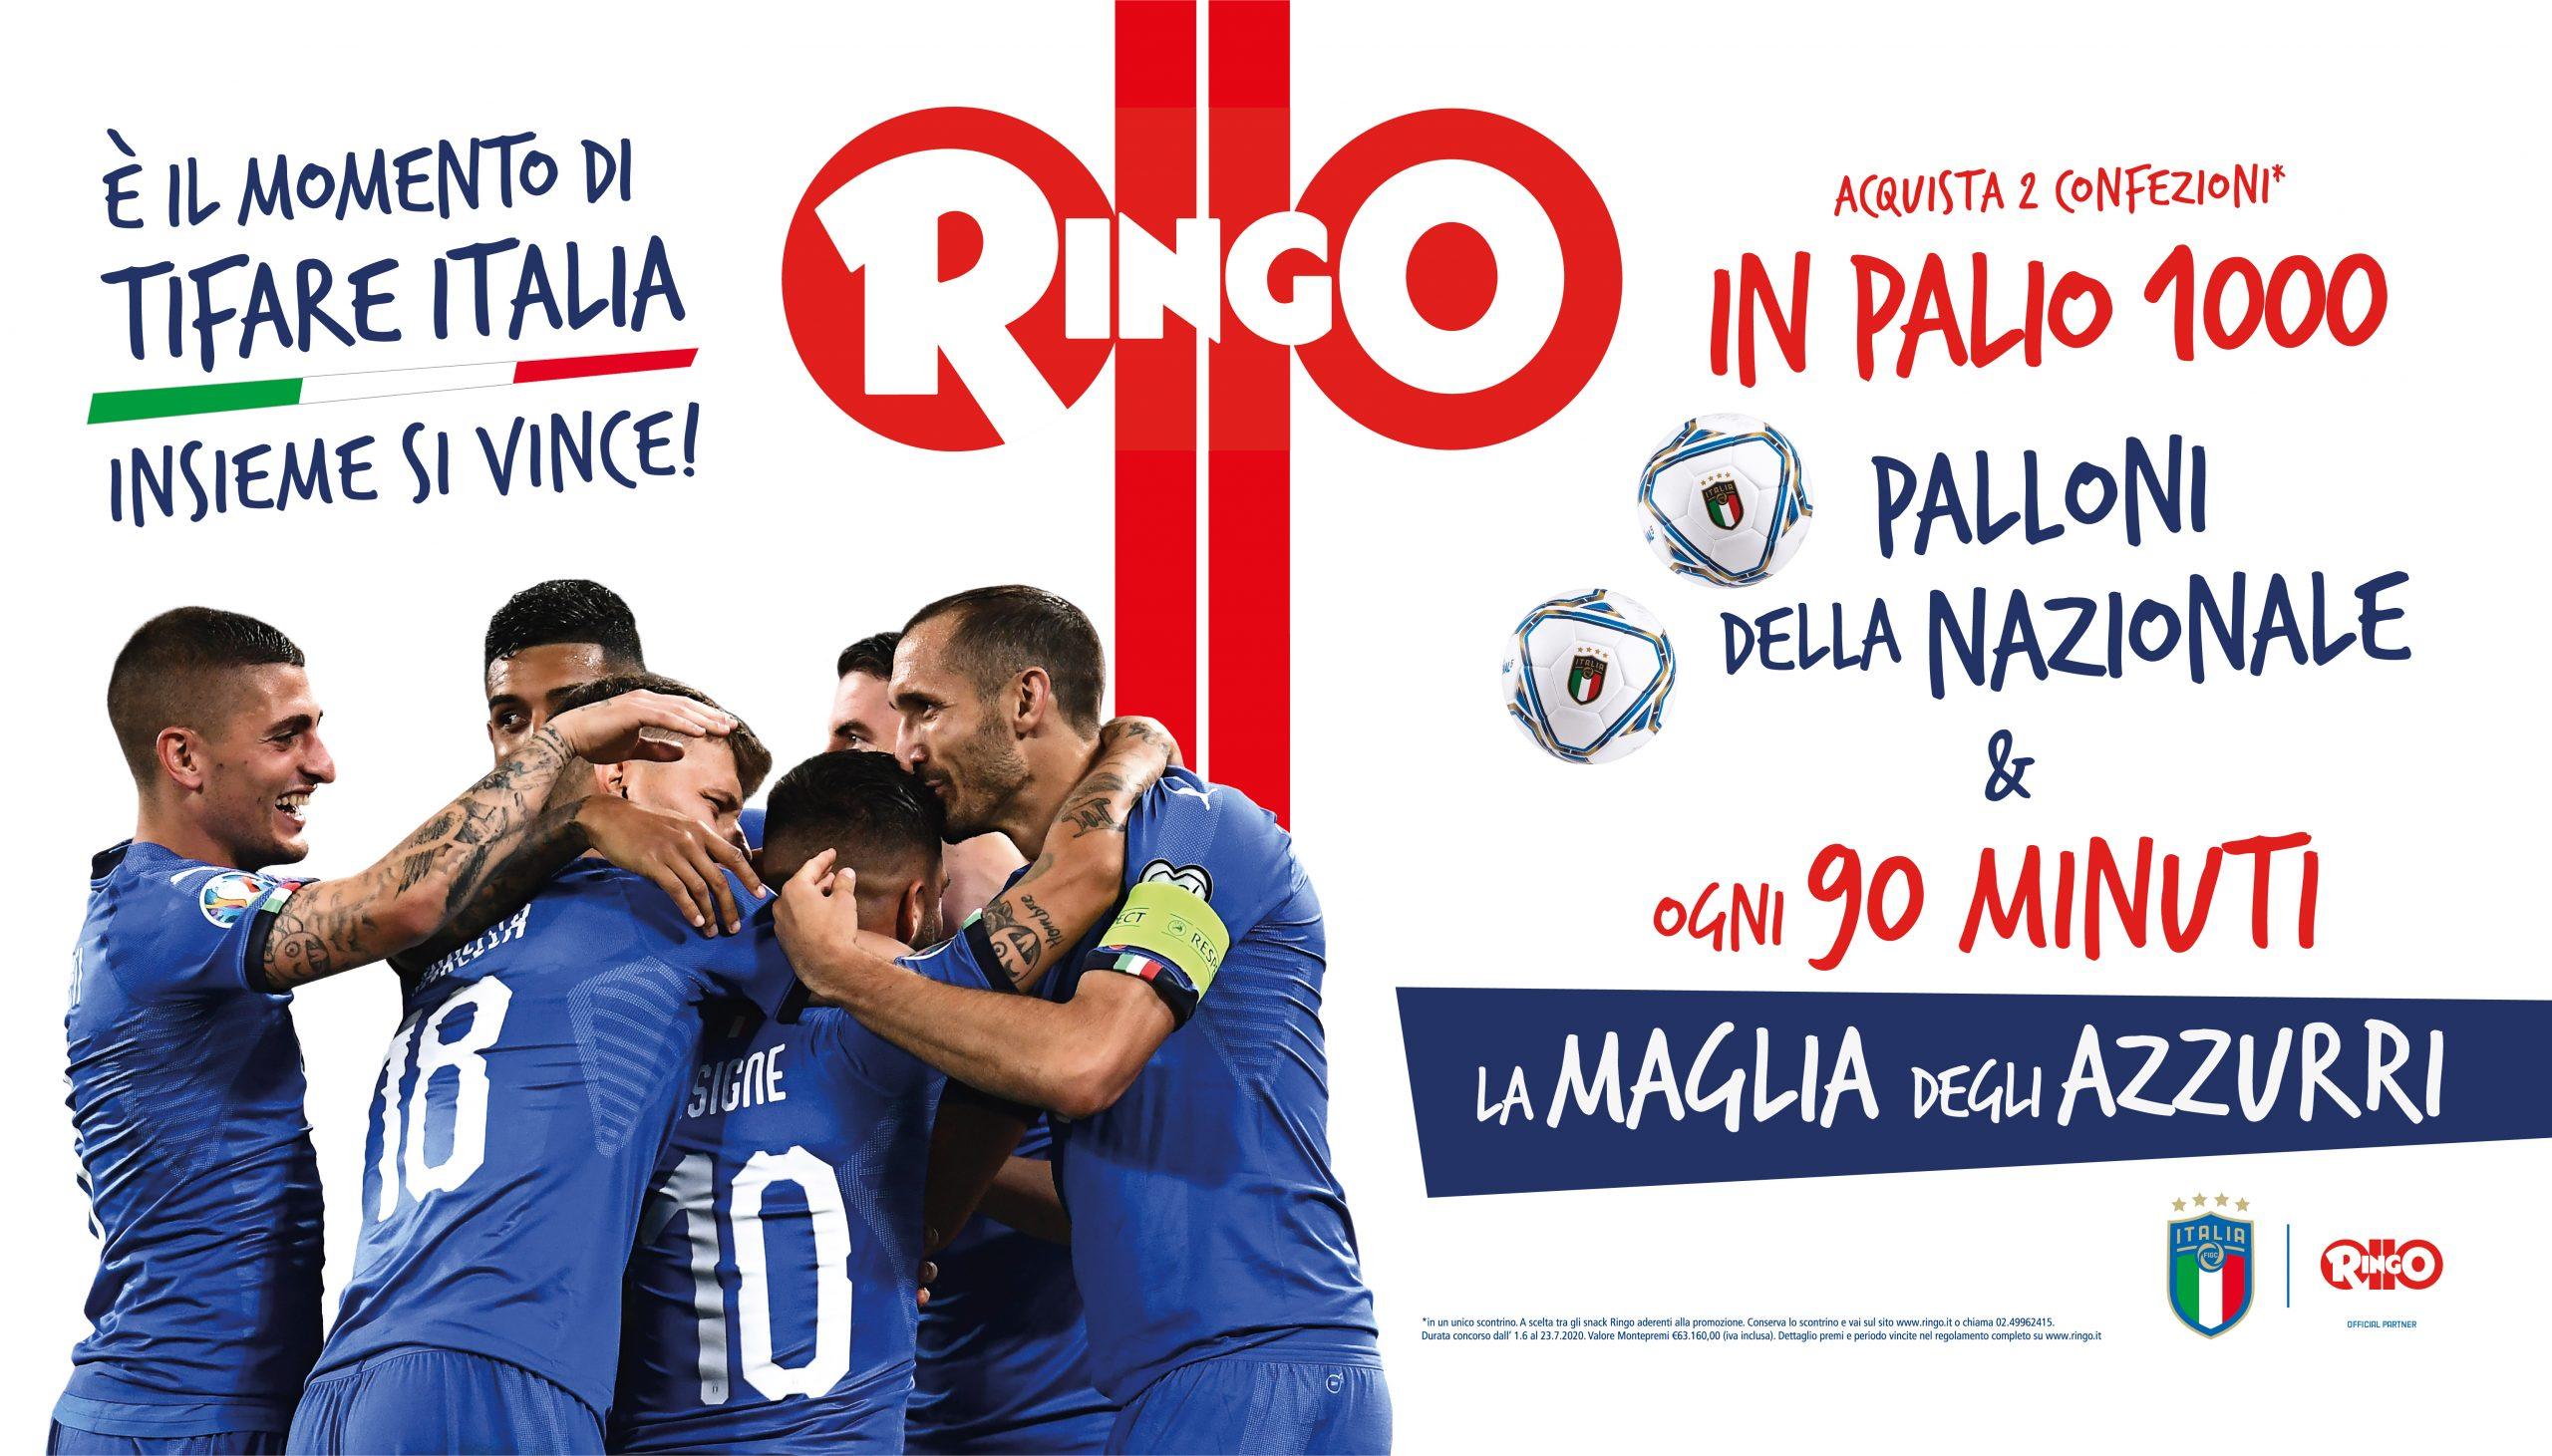 Una shopper activation per tifare Italia con Ringo